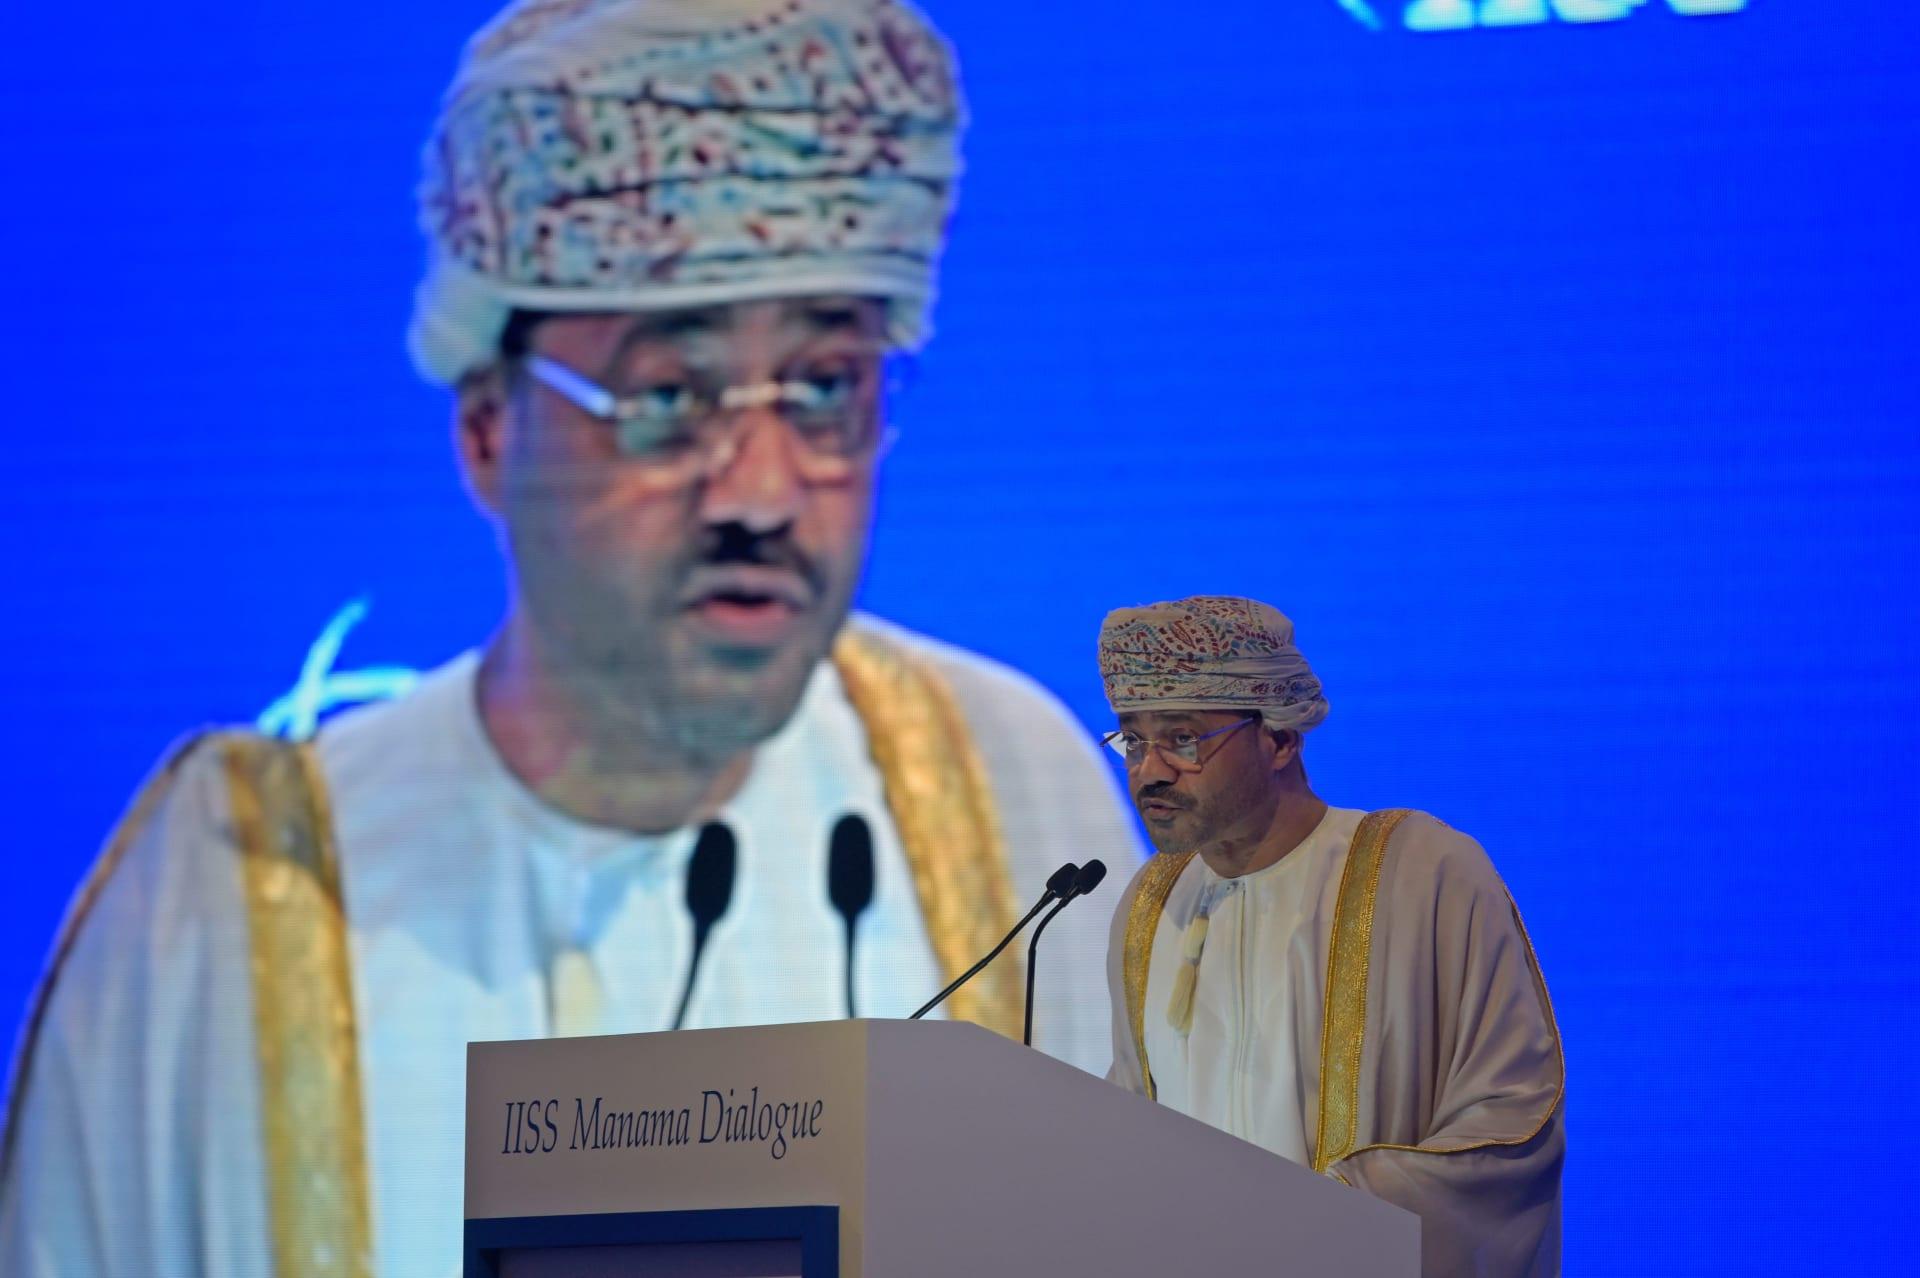 وزير الخارجية العُماني، بدر البوسعيدي